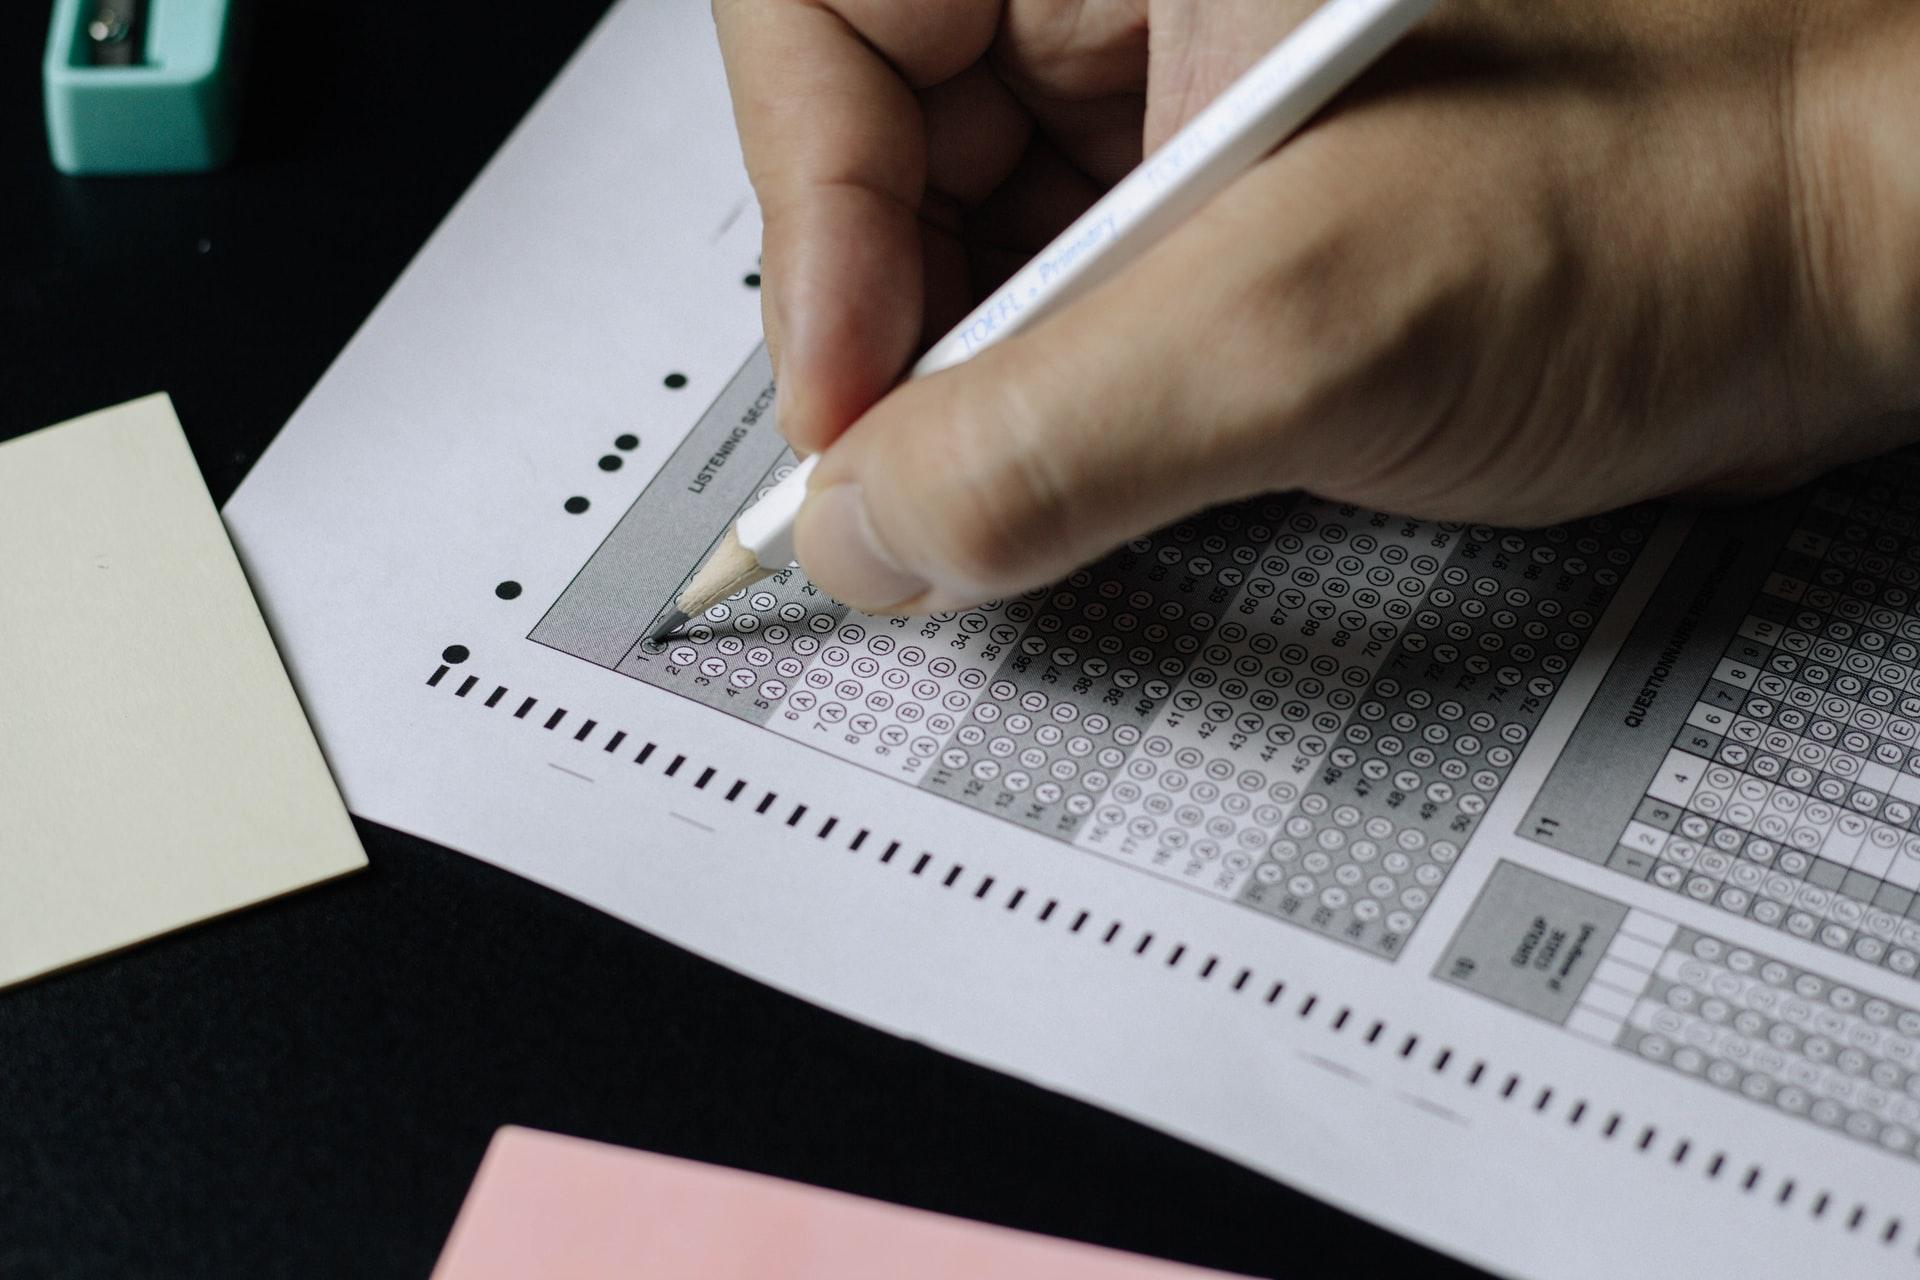 「TOEICを受ける意味は?テスト受験のメリットを英語で解説」のアイキャッチ画像